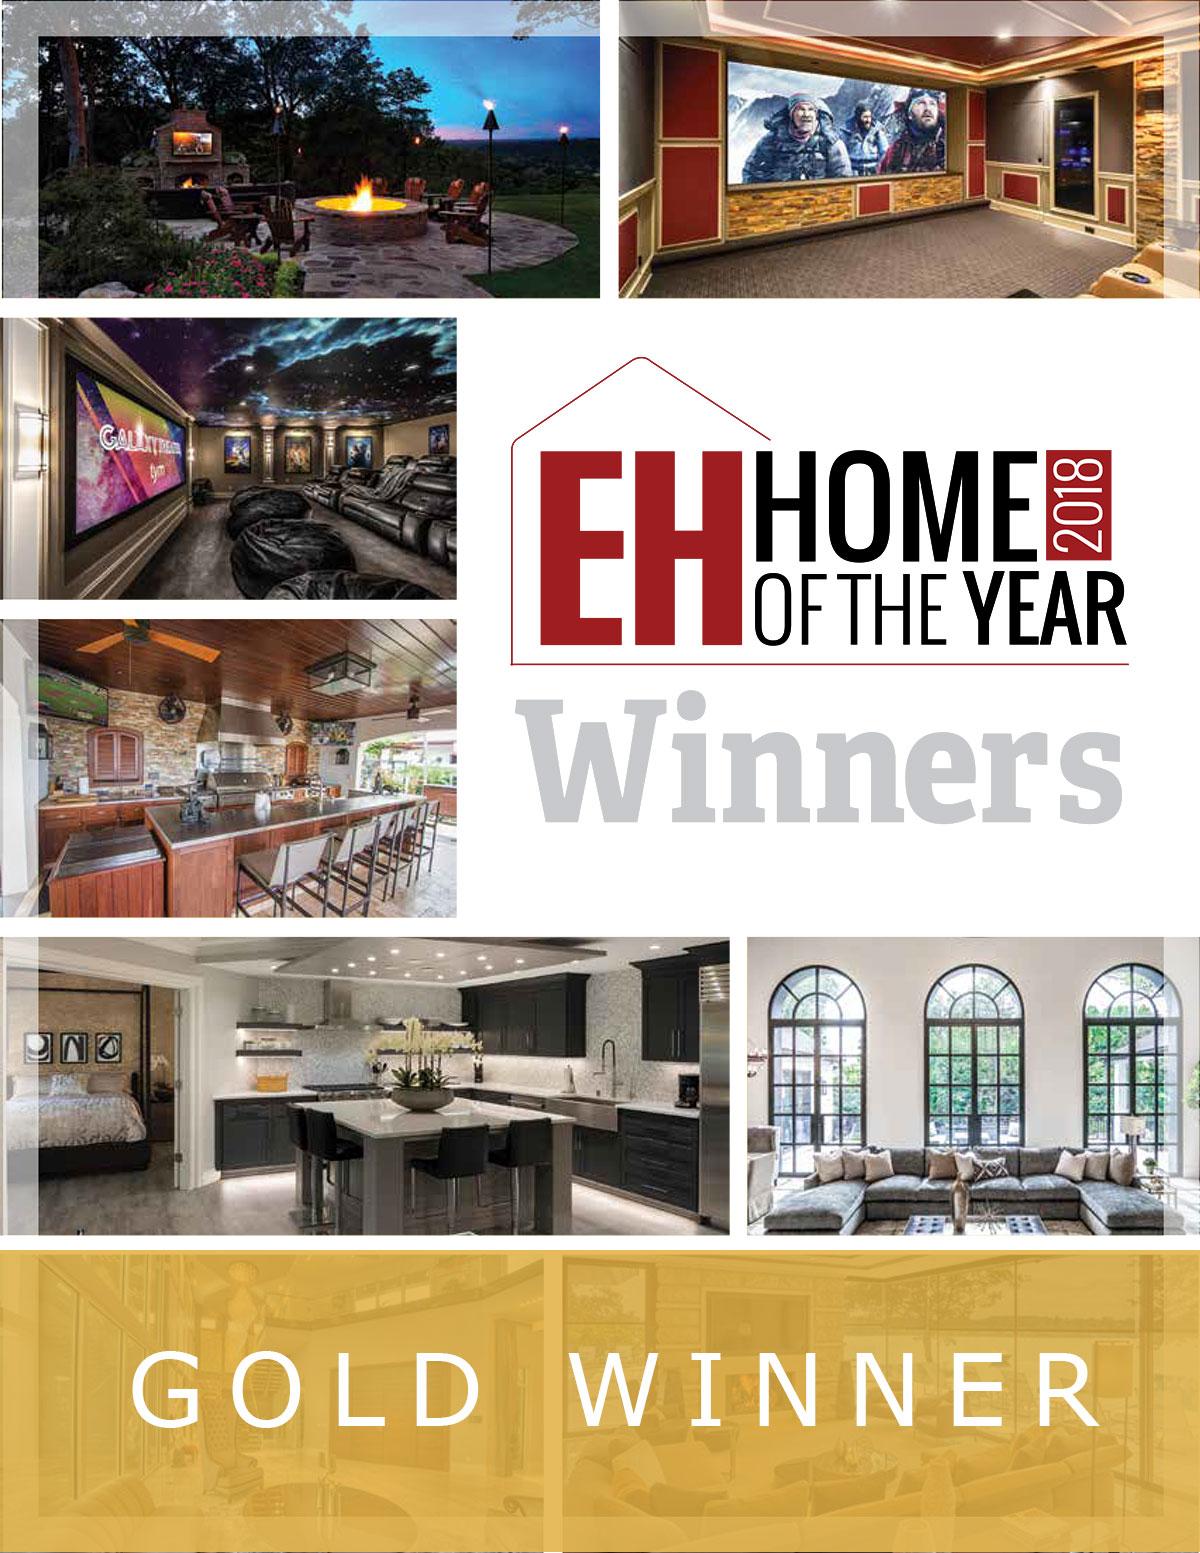 Gold Winner: Lelch AV is EHome of the Year Winner